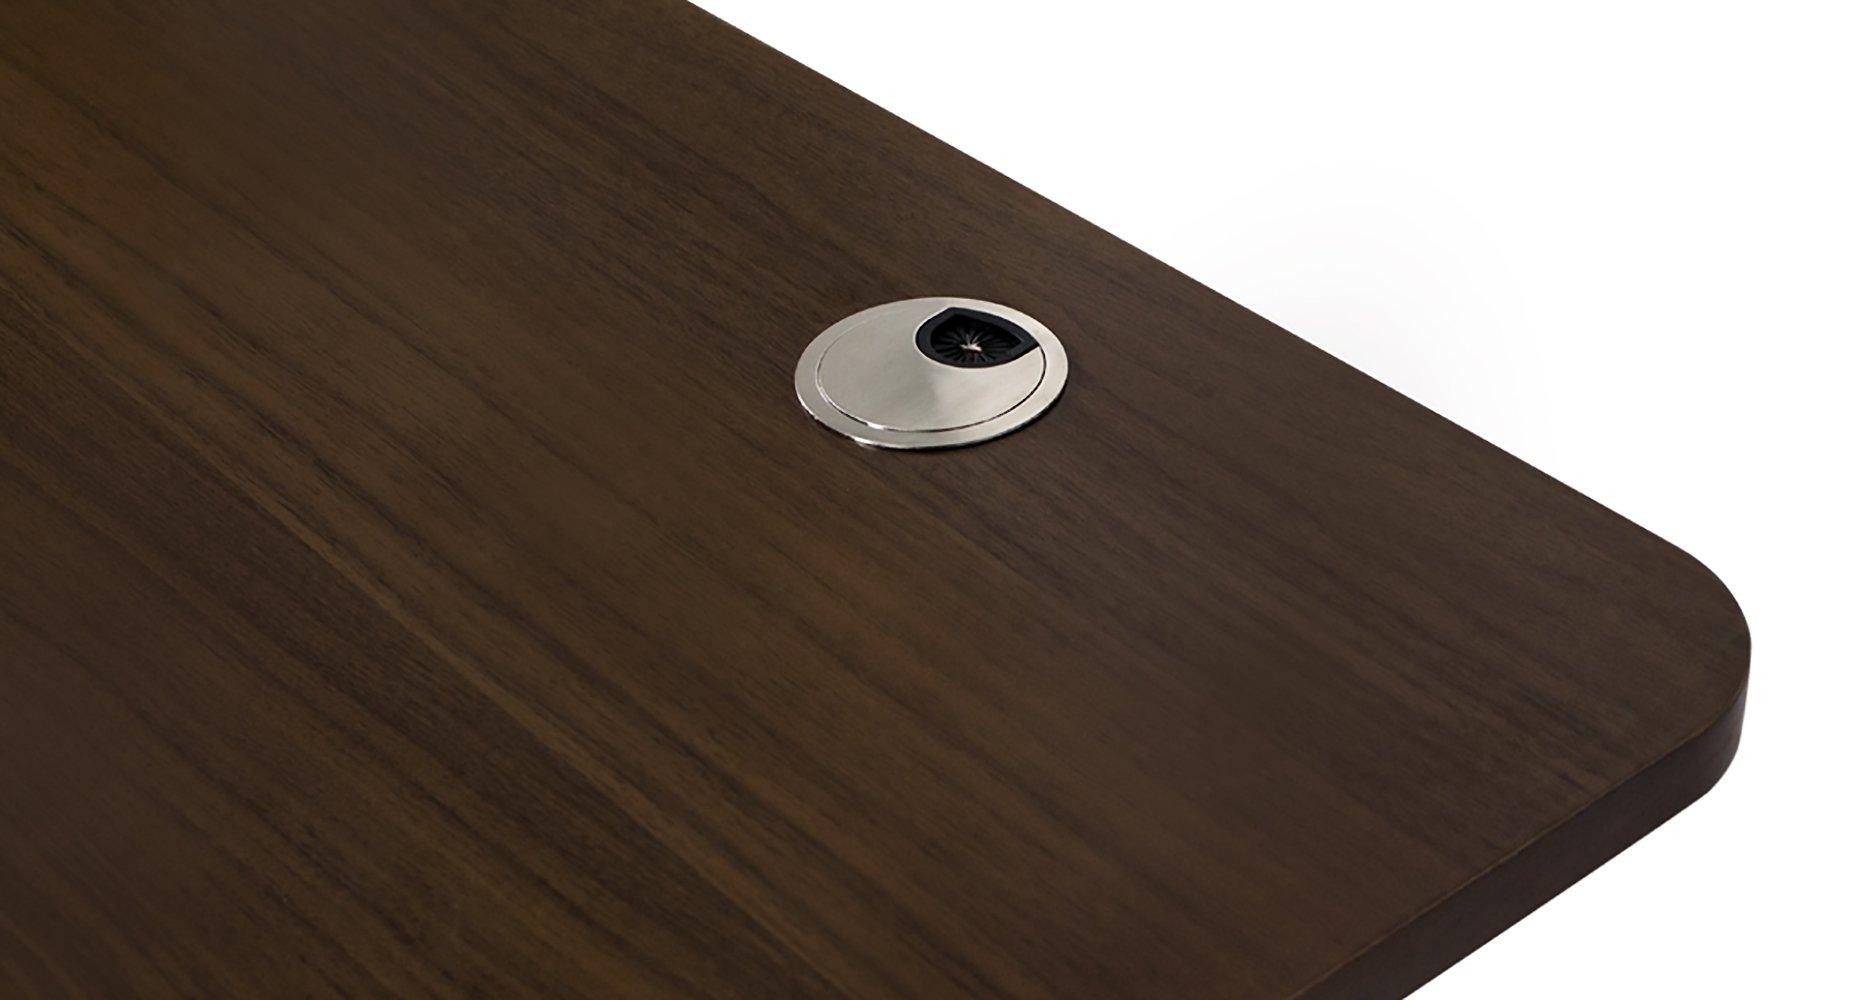 Autonomous SmartDesk - Classic Wood Top - Walnut by Autonomous (Image #4)